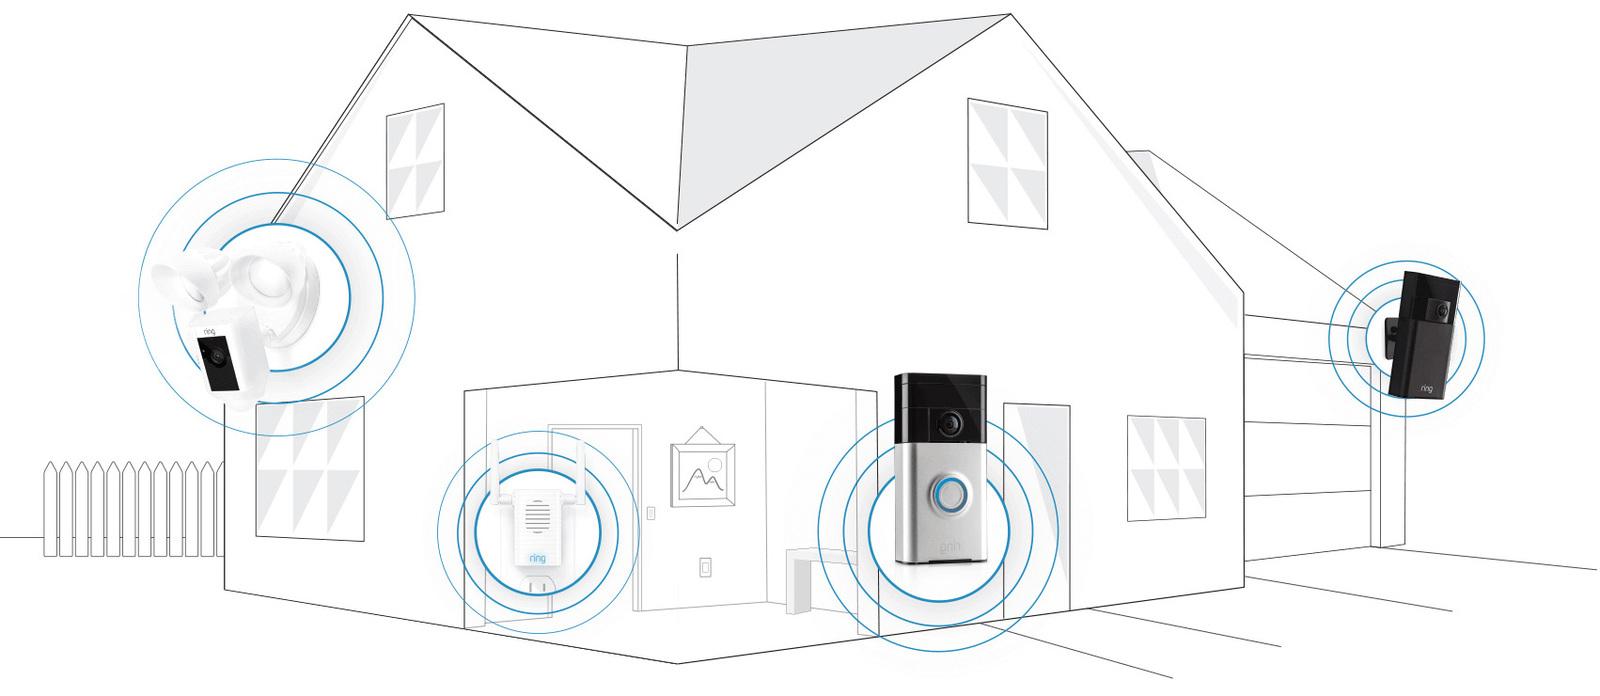 Ring: Floodlight Camera - White image